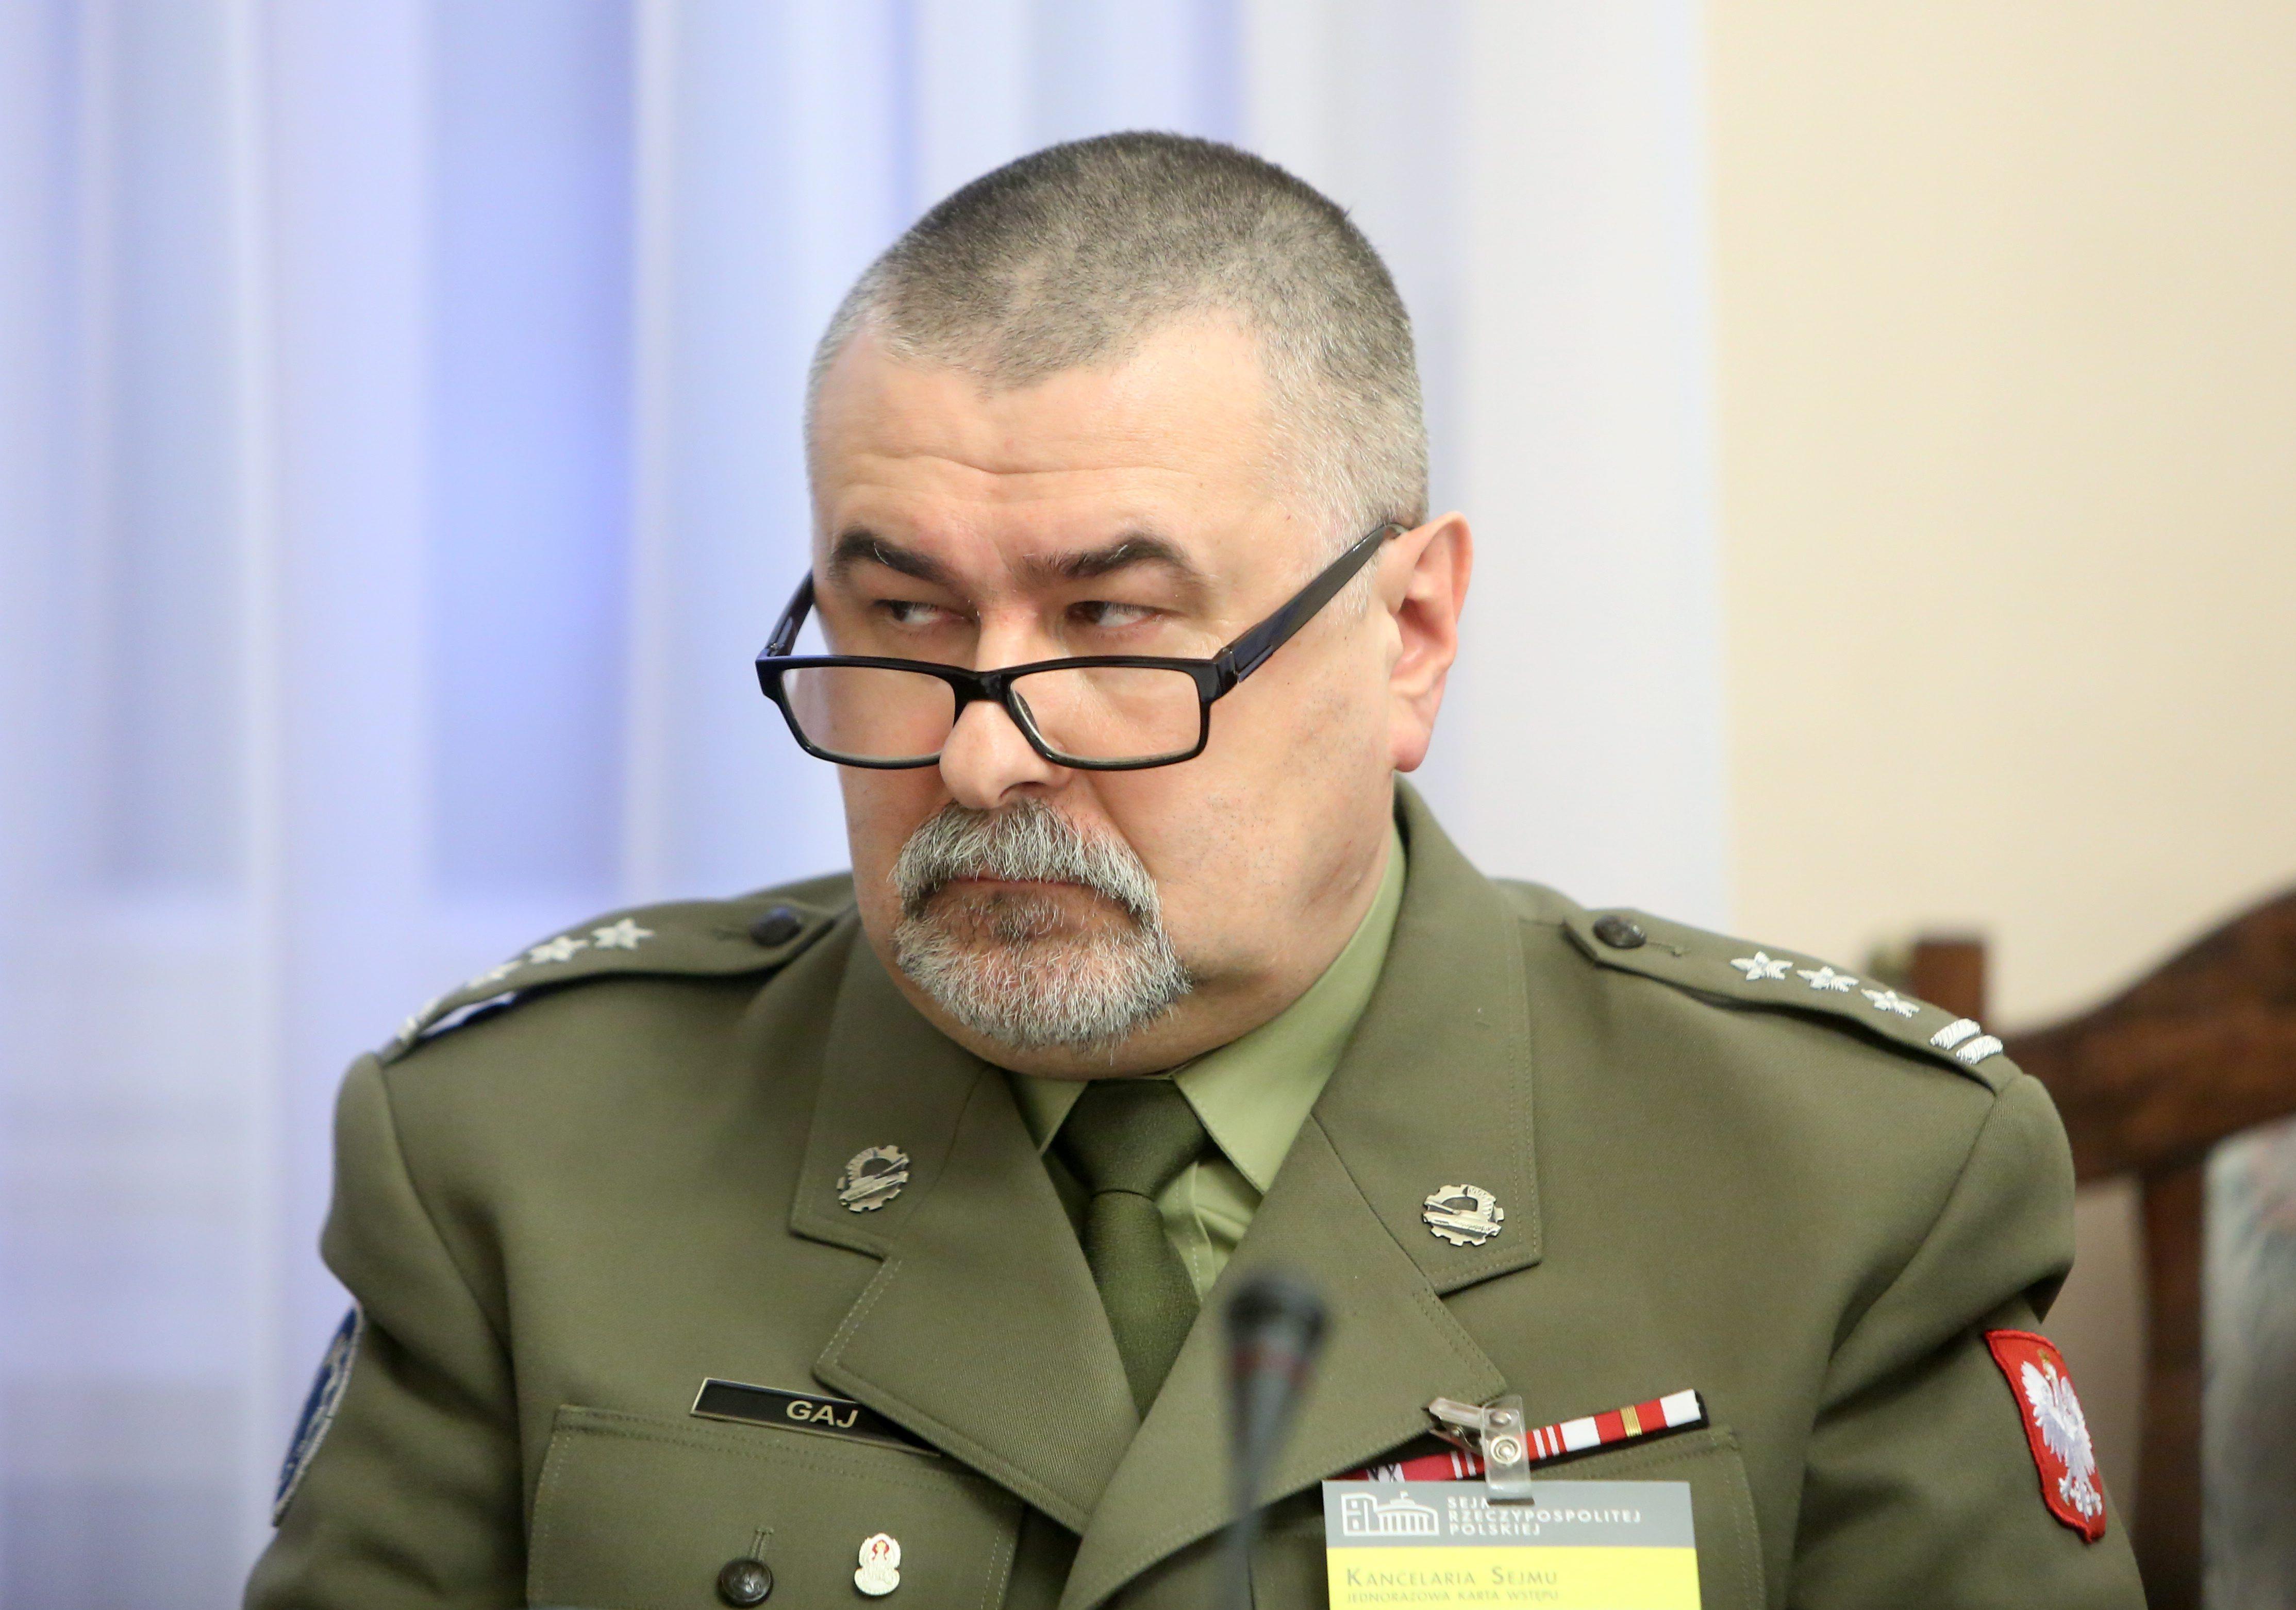 Wyciekają kolejne dokumenty z poczty Michała Dworczyka. M.in. korespondencja w sprawie systemu obrony powietrznej